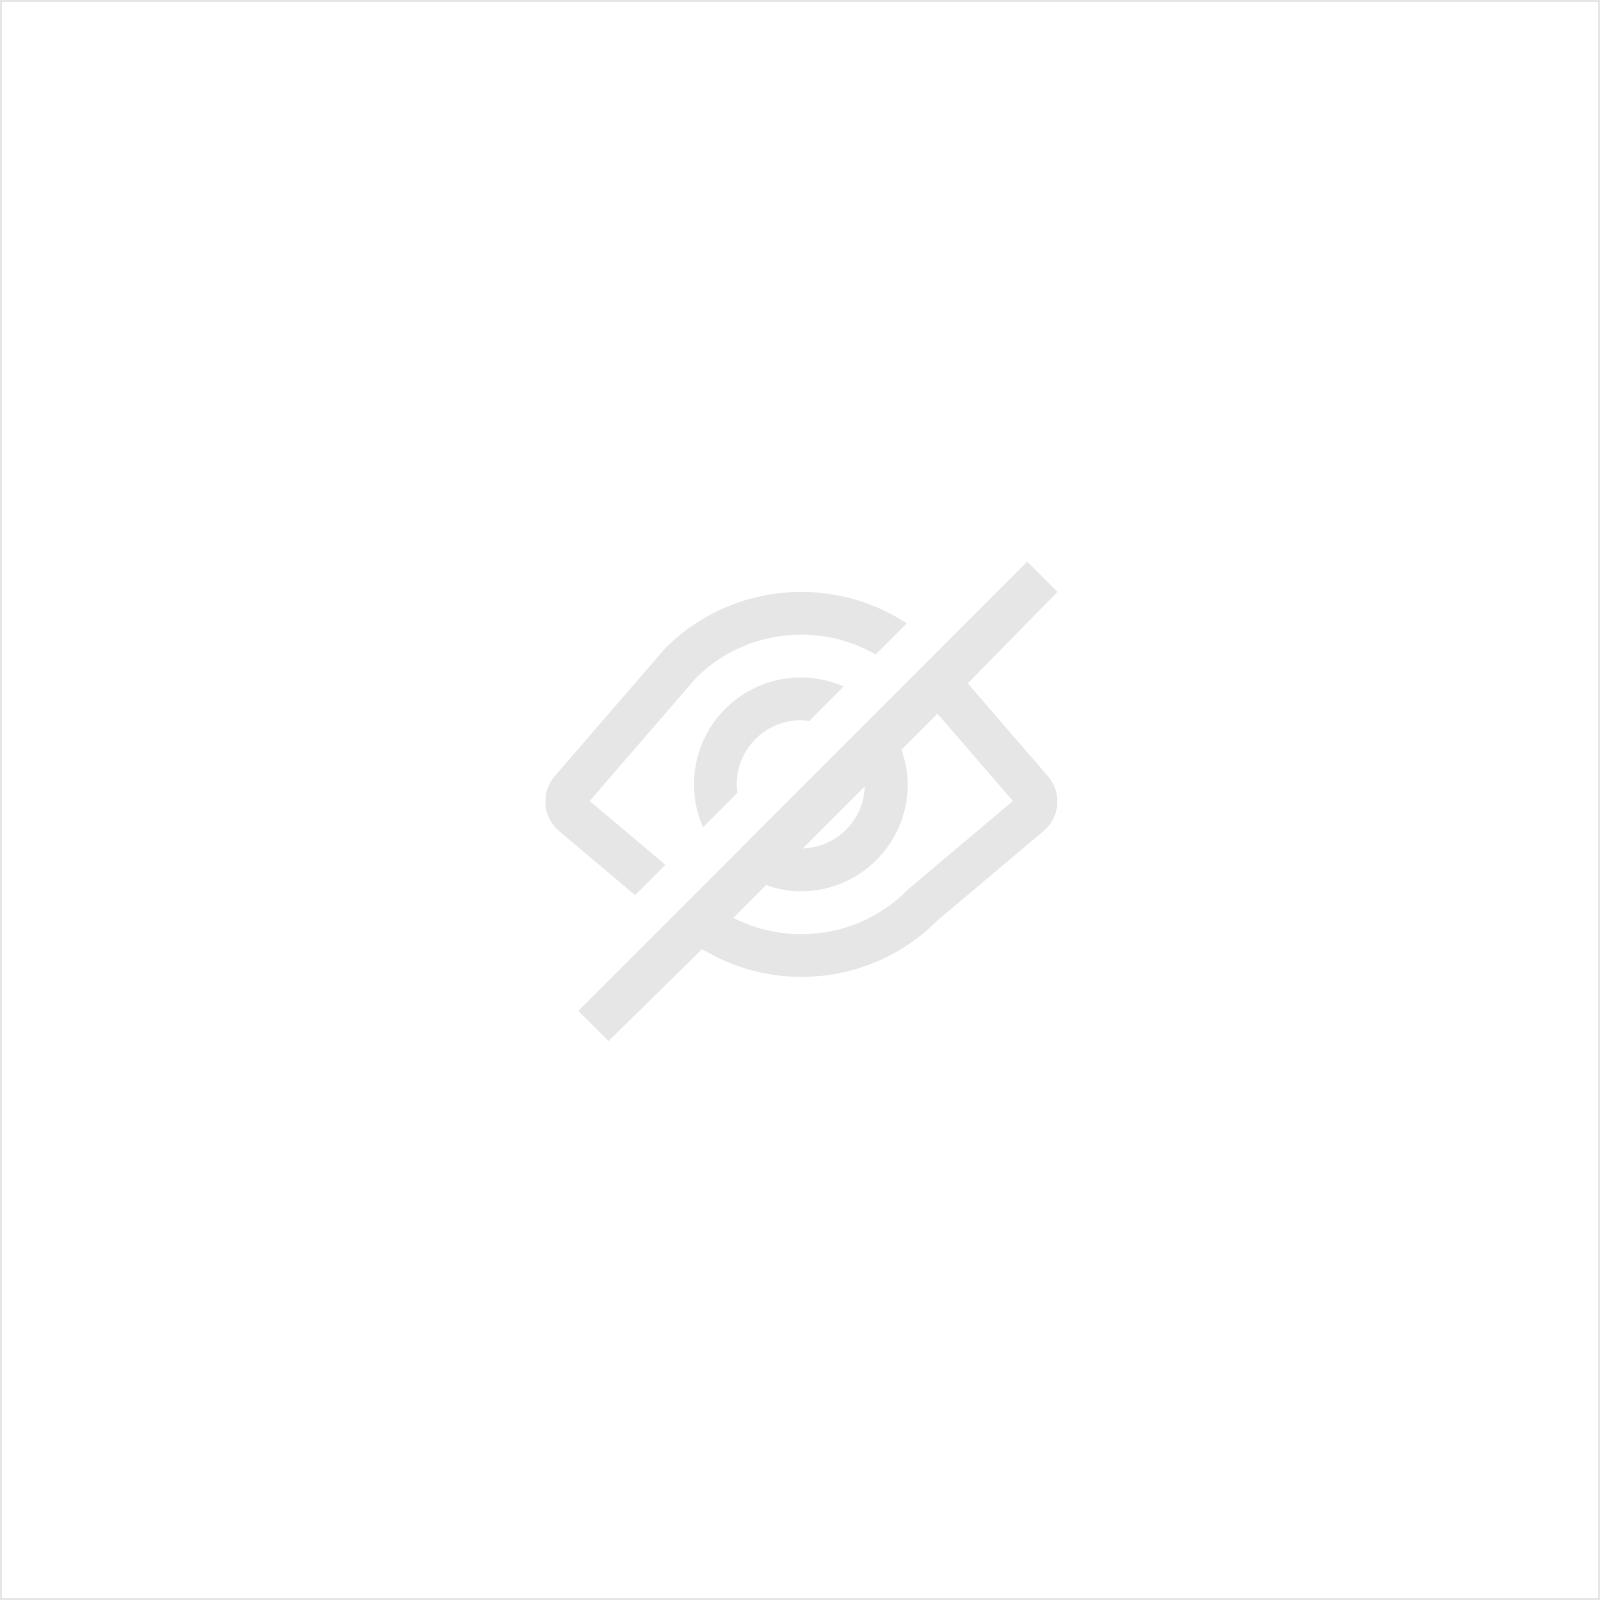 ZELFKLEVEND SCHUURPAPIER P180 - 70 MM x 25 METER